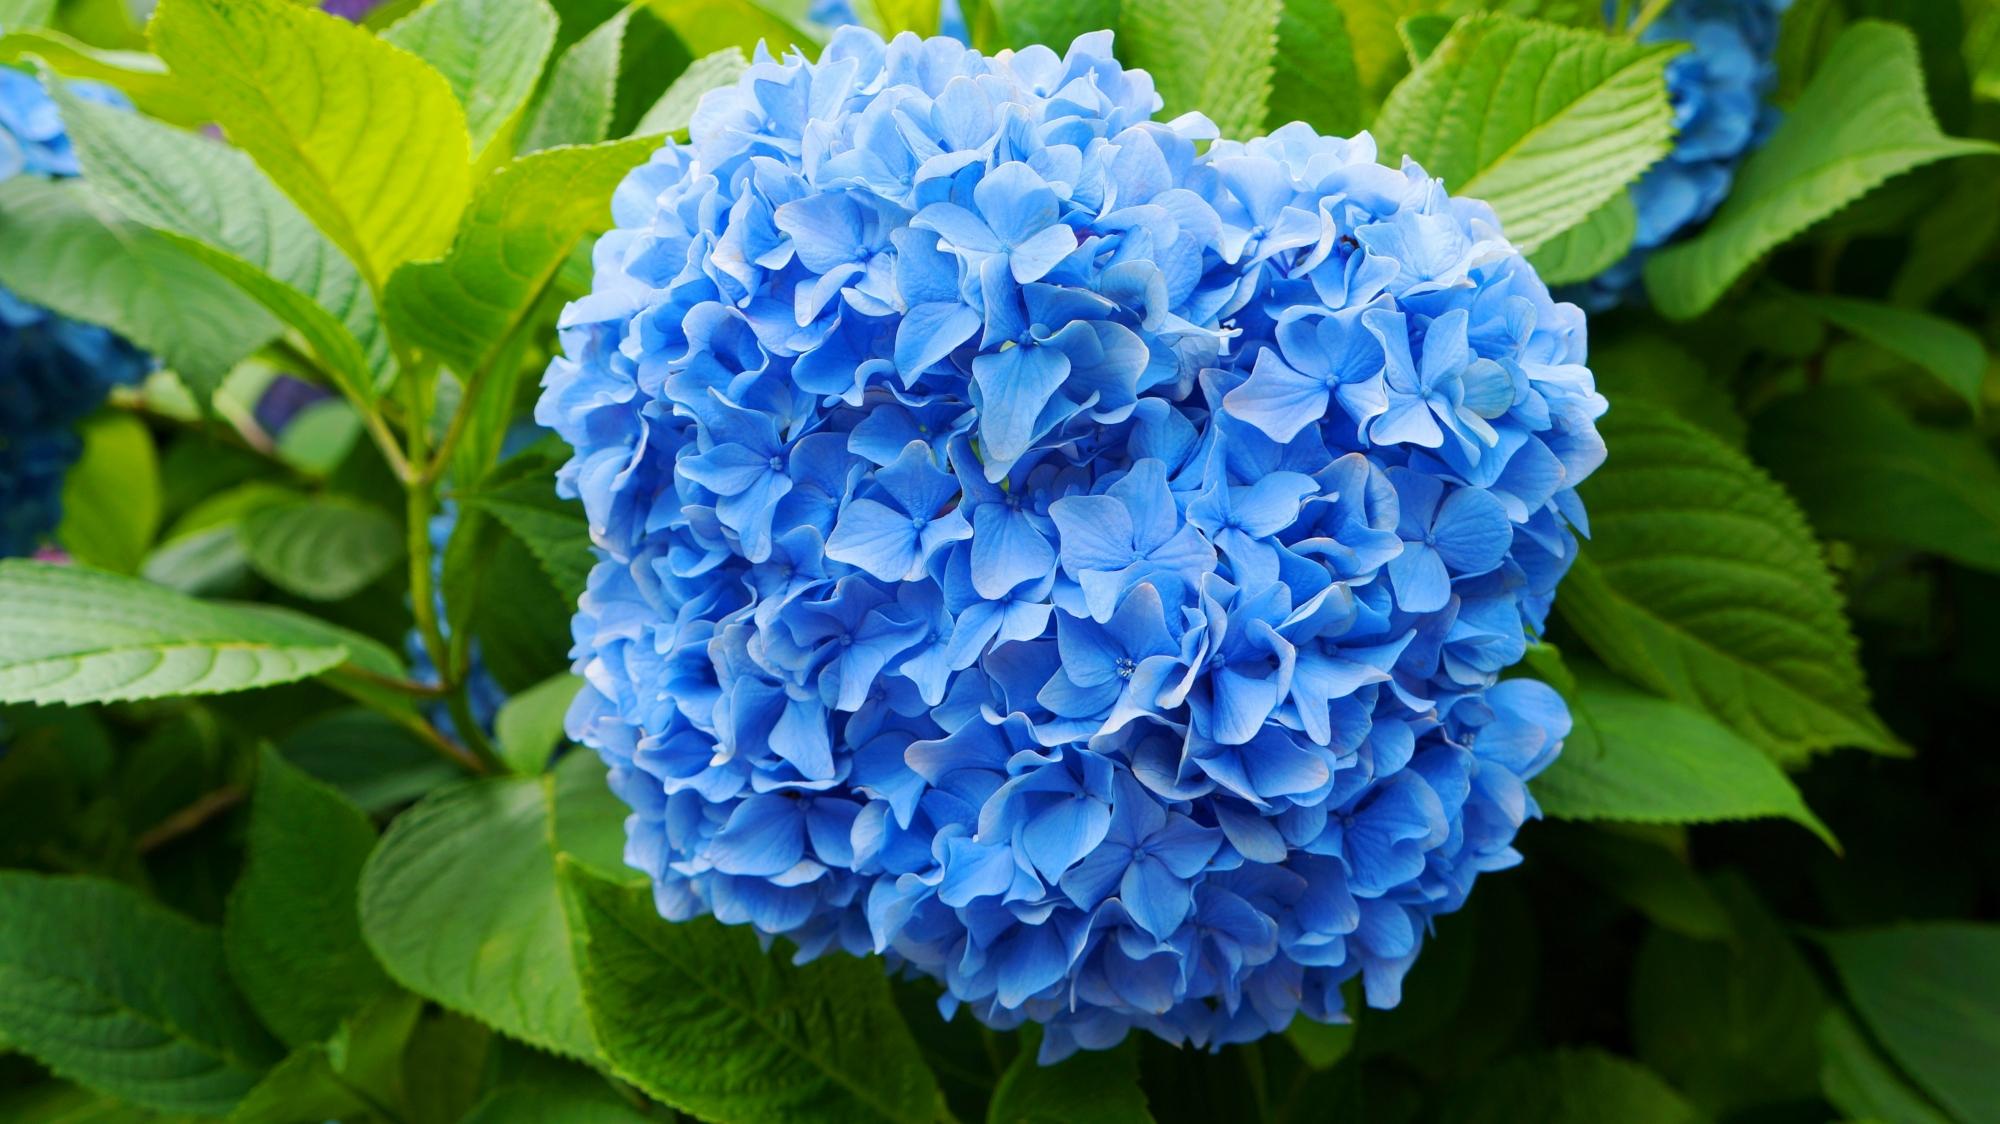 花びらのいっぱい詰まった見事な青い紫陽花